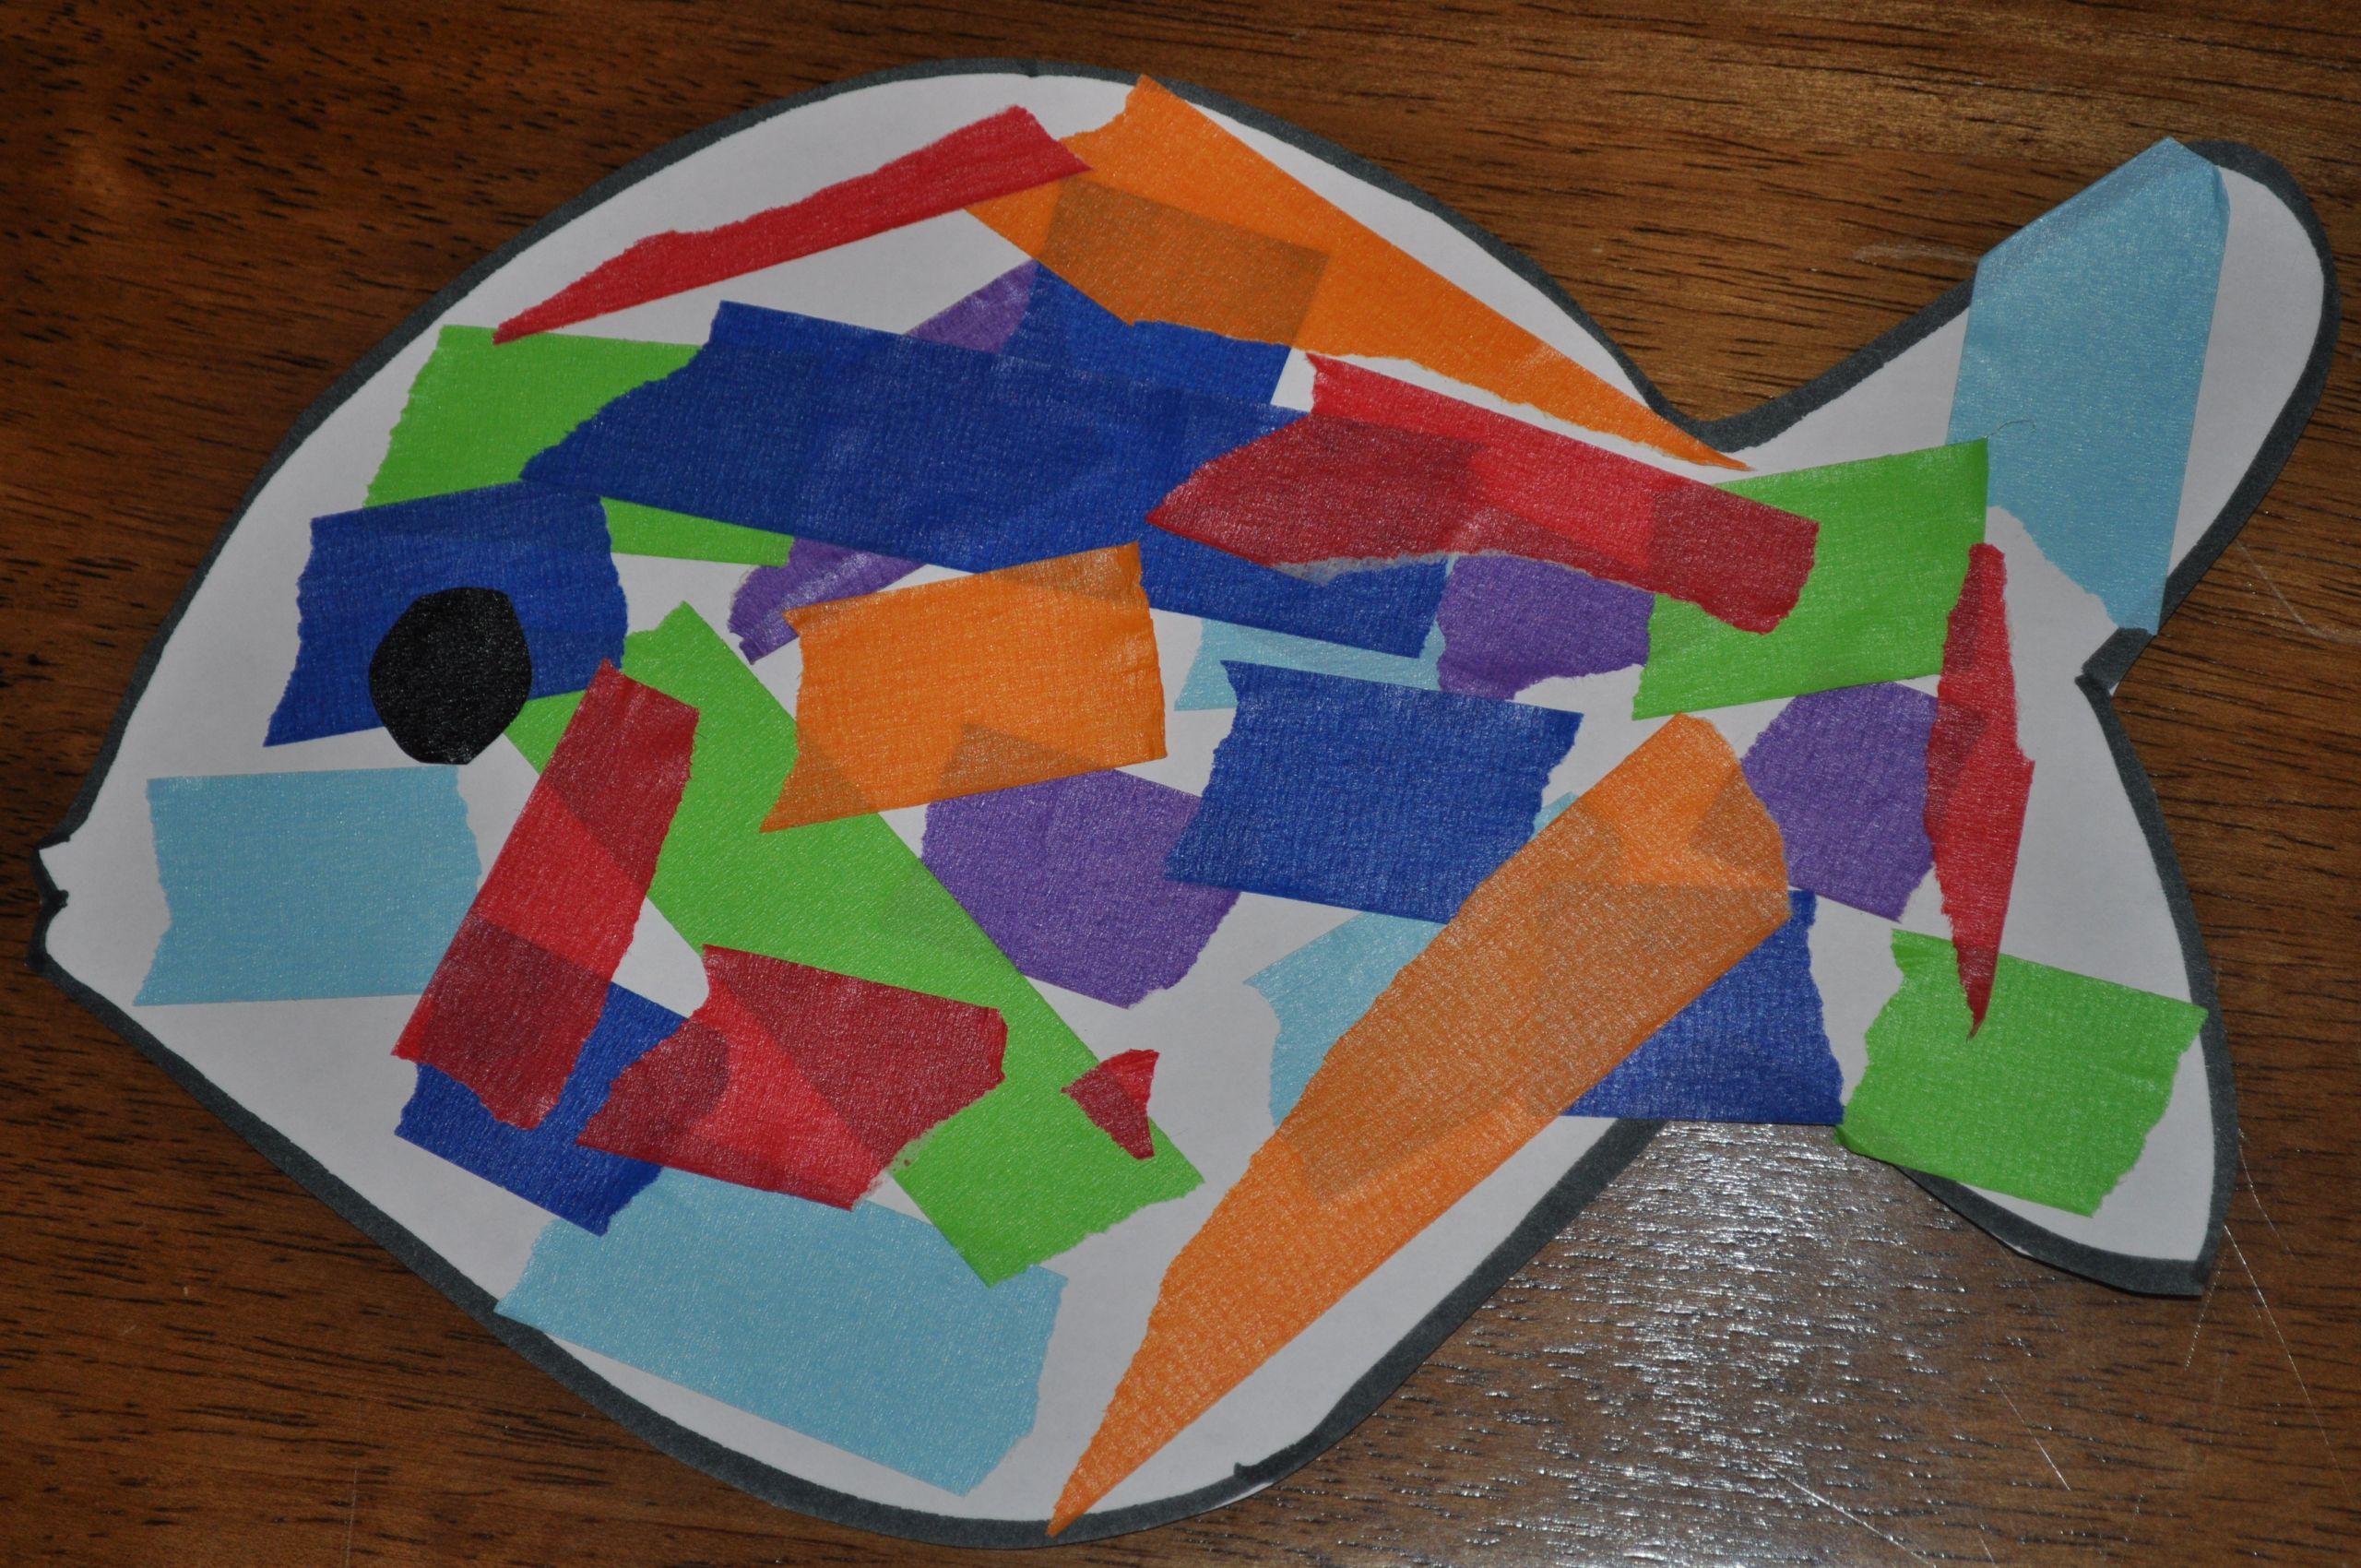 Preschool Art Project  Fun in Preschool with Ocean Theme Activities